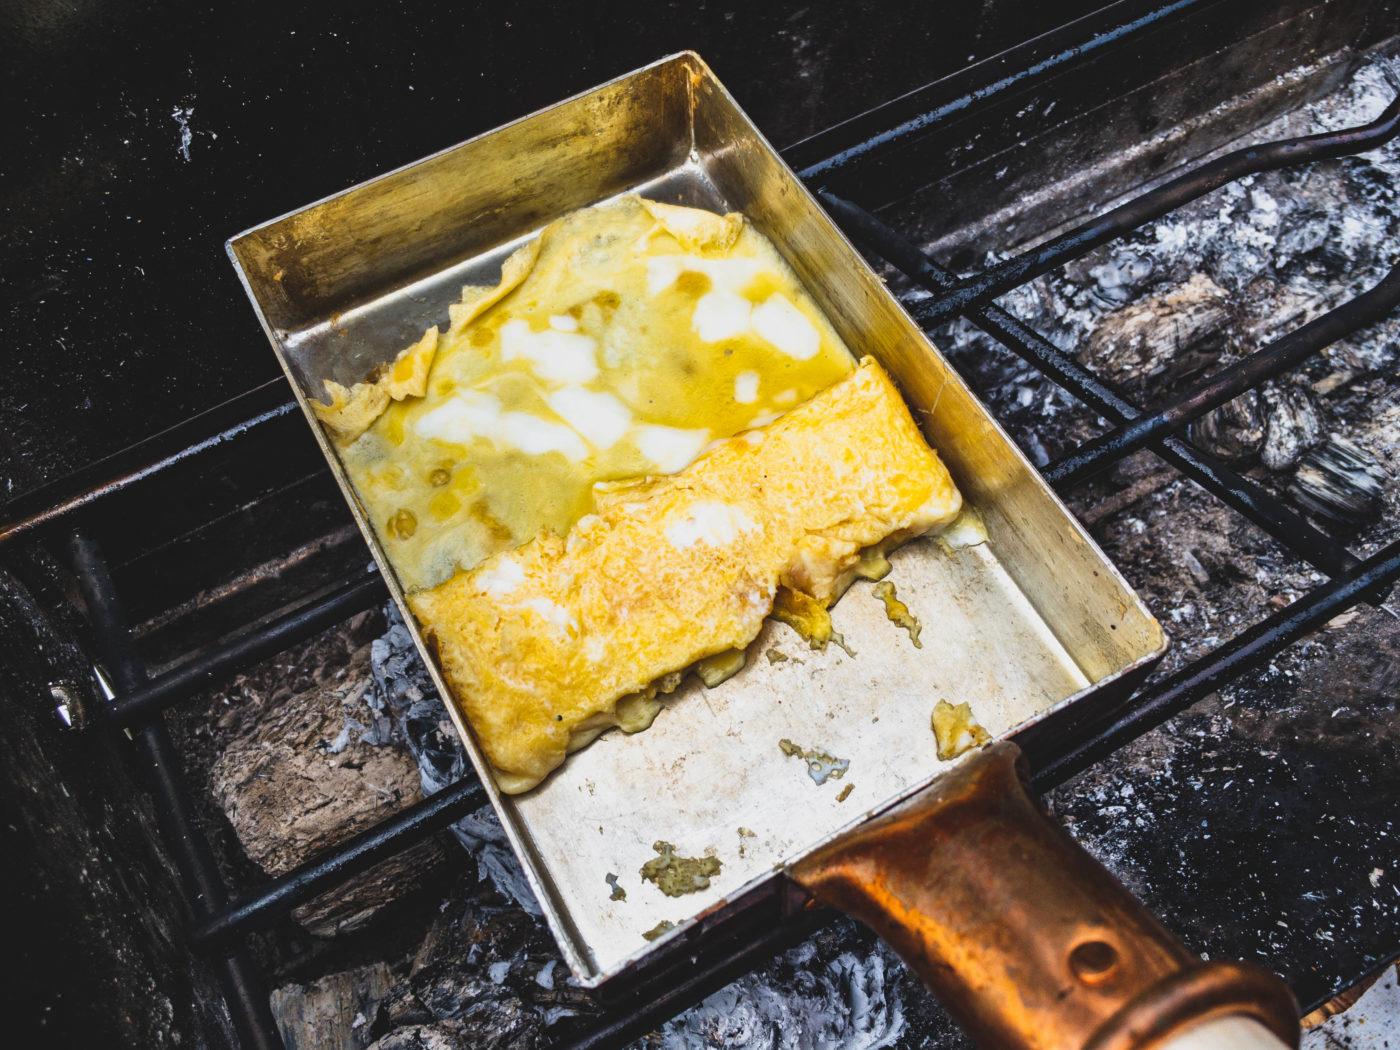 キャンプで卵焼きを楽しむなら、銅のフライパンで!